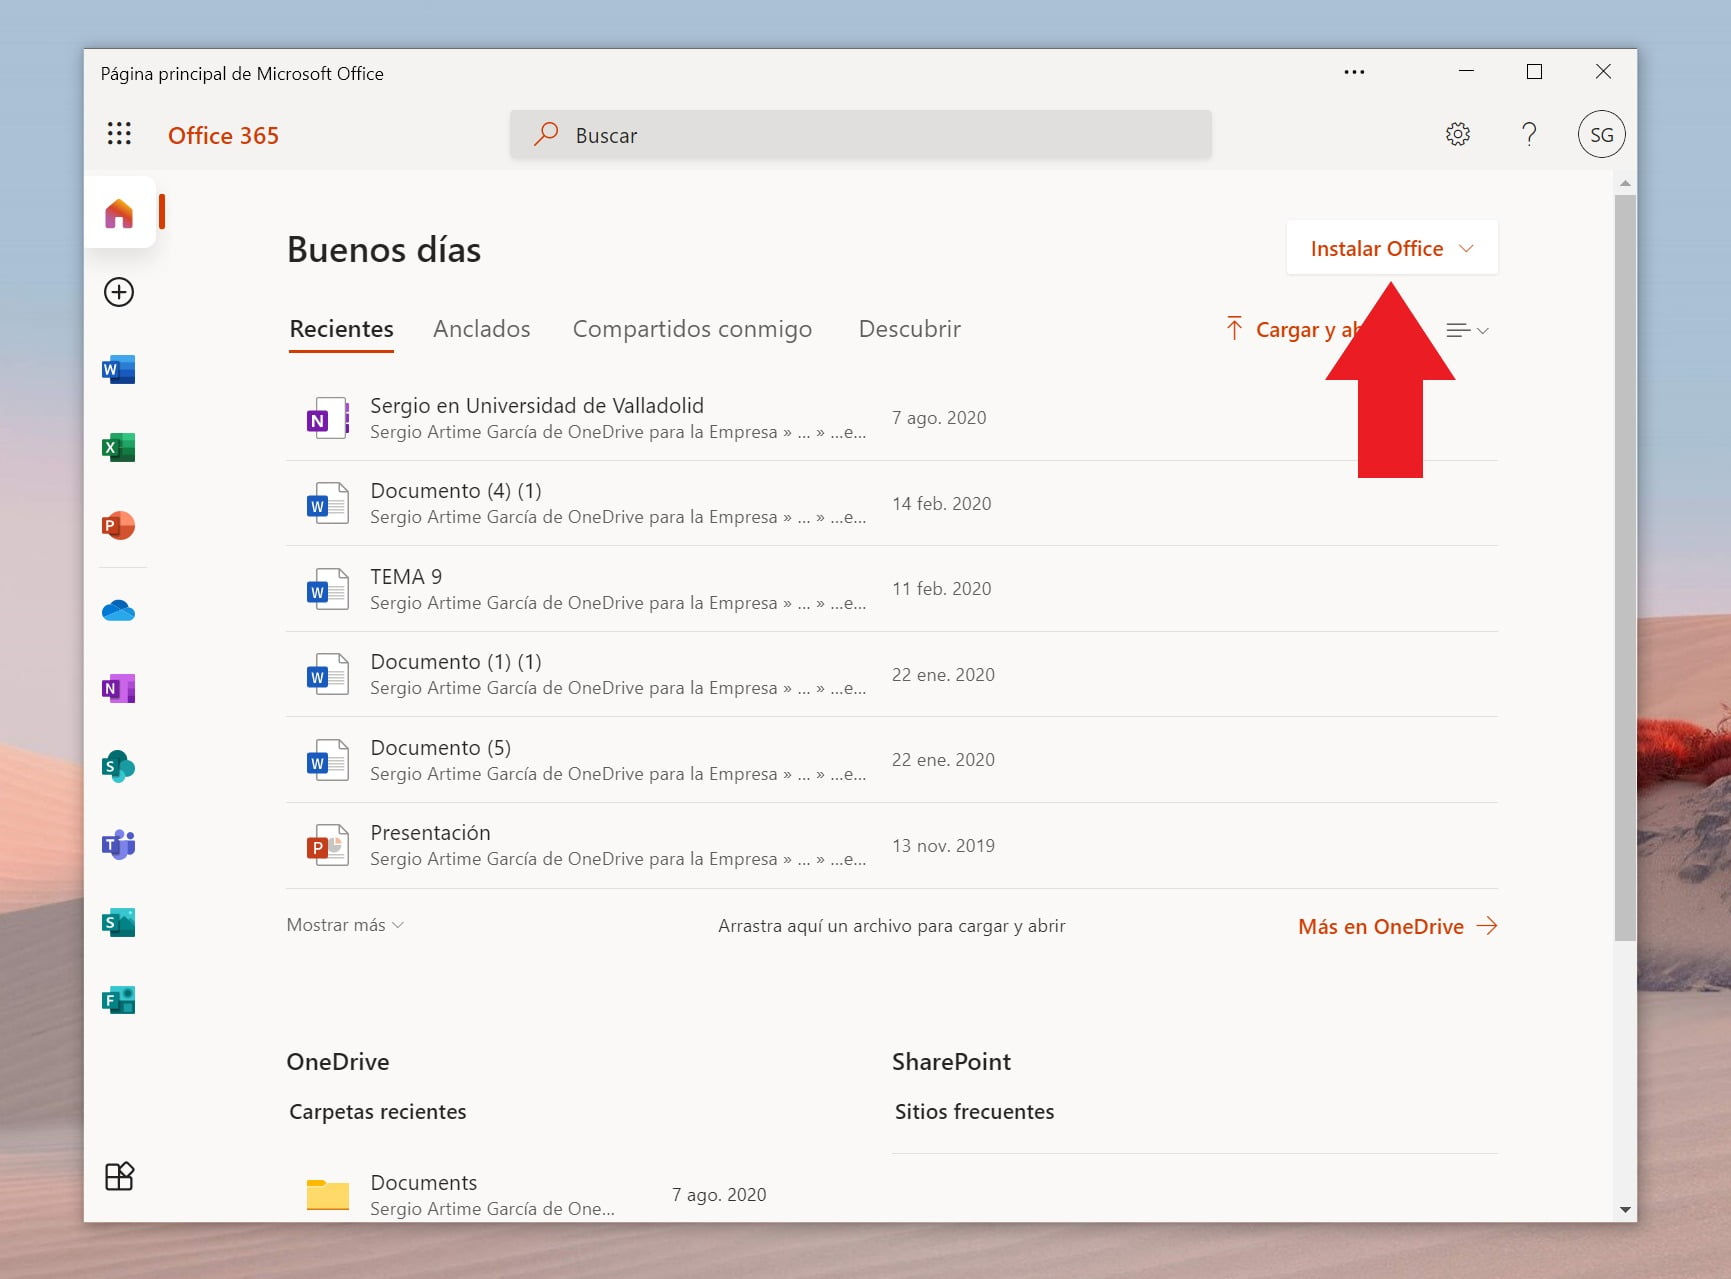 Página web de Office 365, desde donde podemos instalar Office gratis para centros educativos